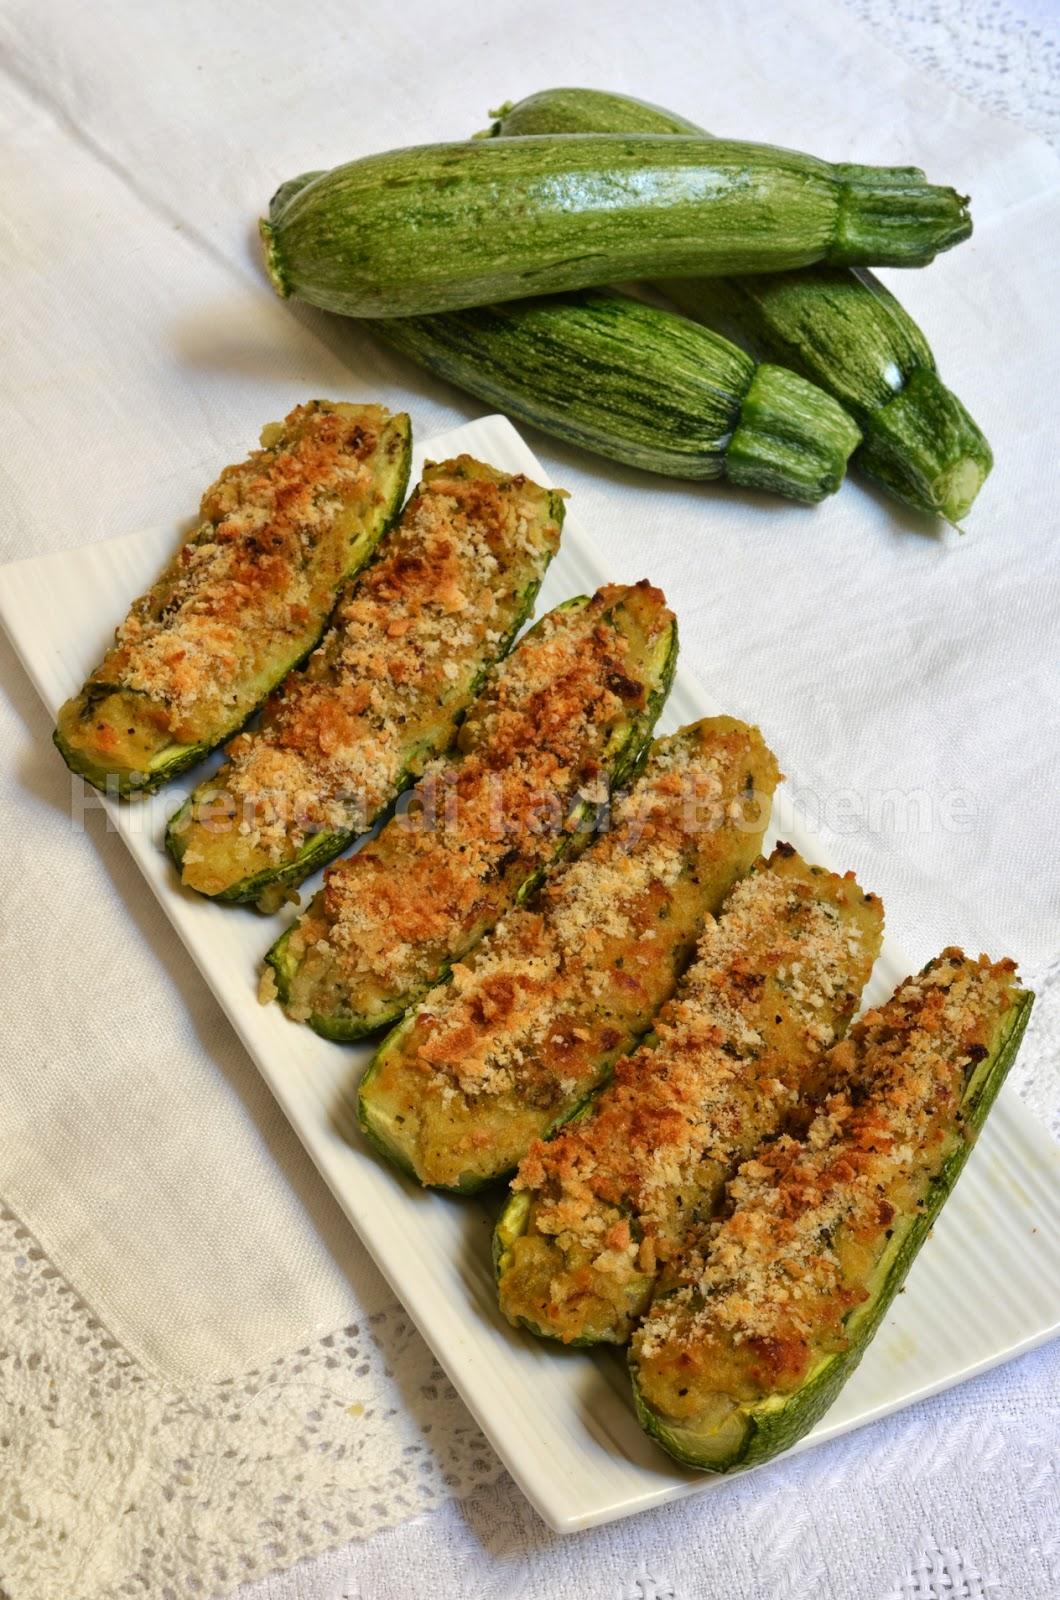 Hiperica di lady boheme ricetta zucchine ripiene vegetariane for Ricette vegetariane